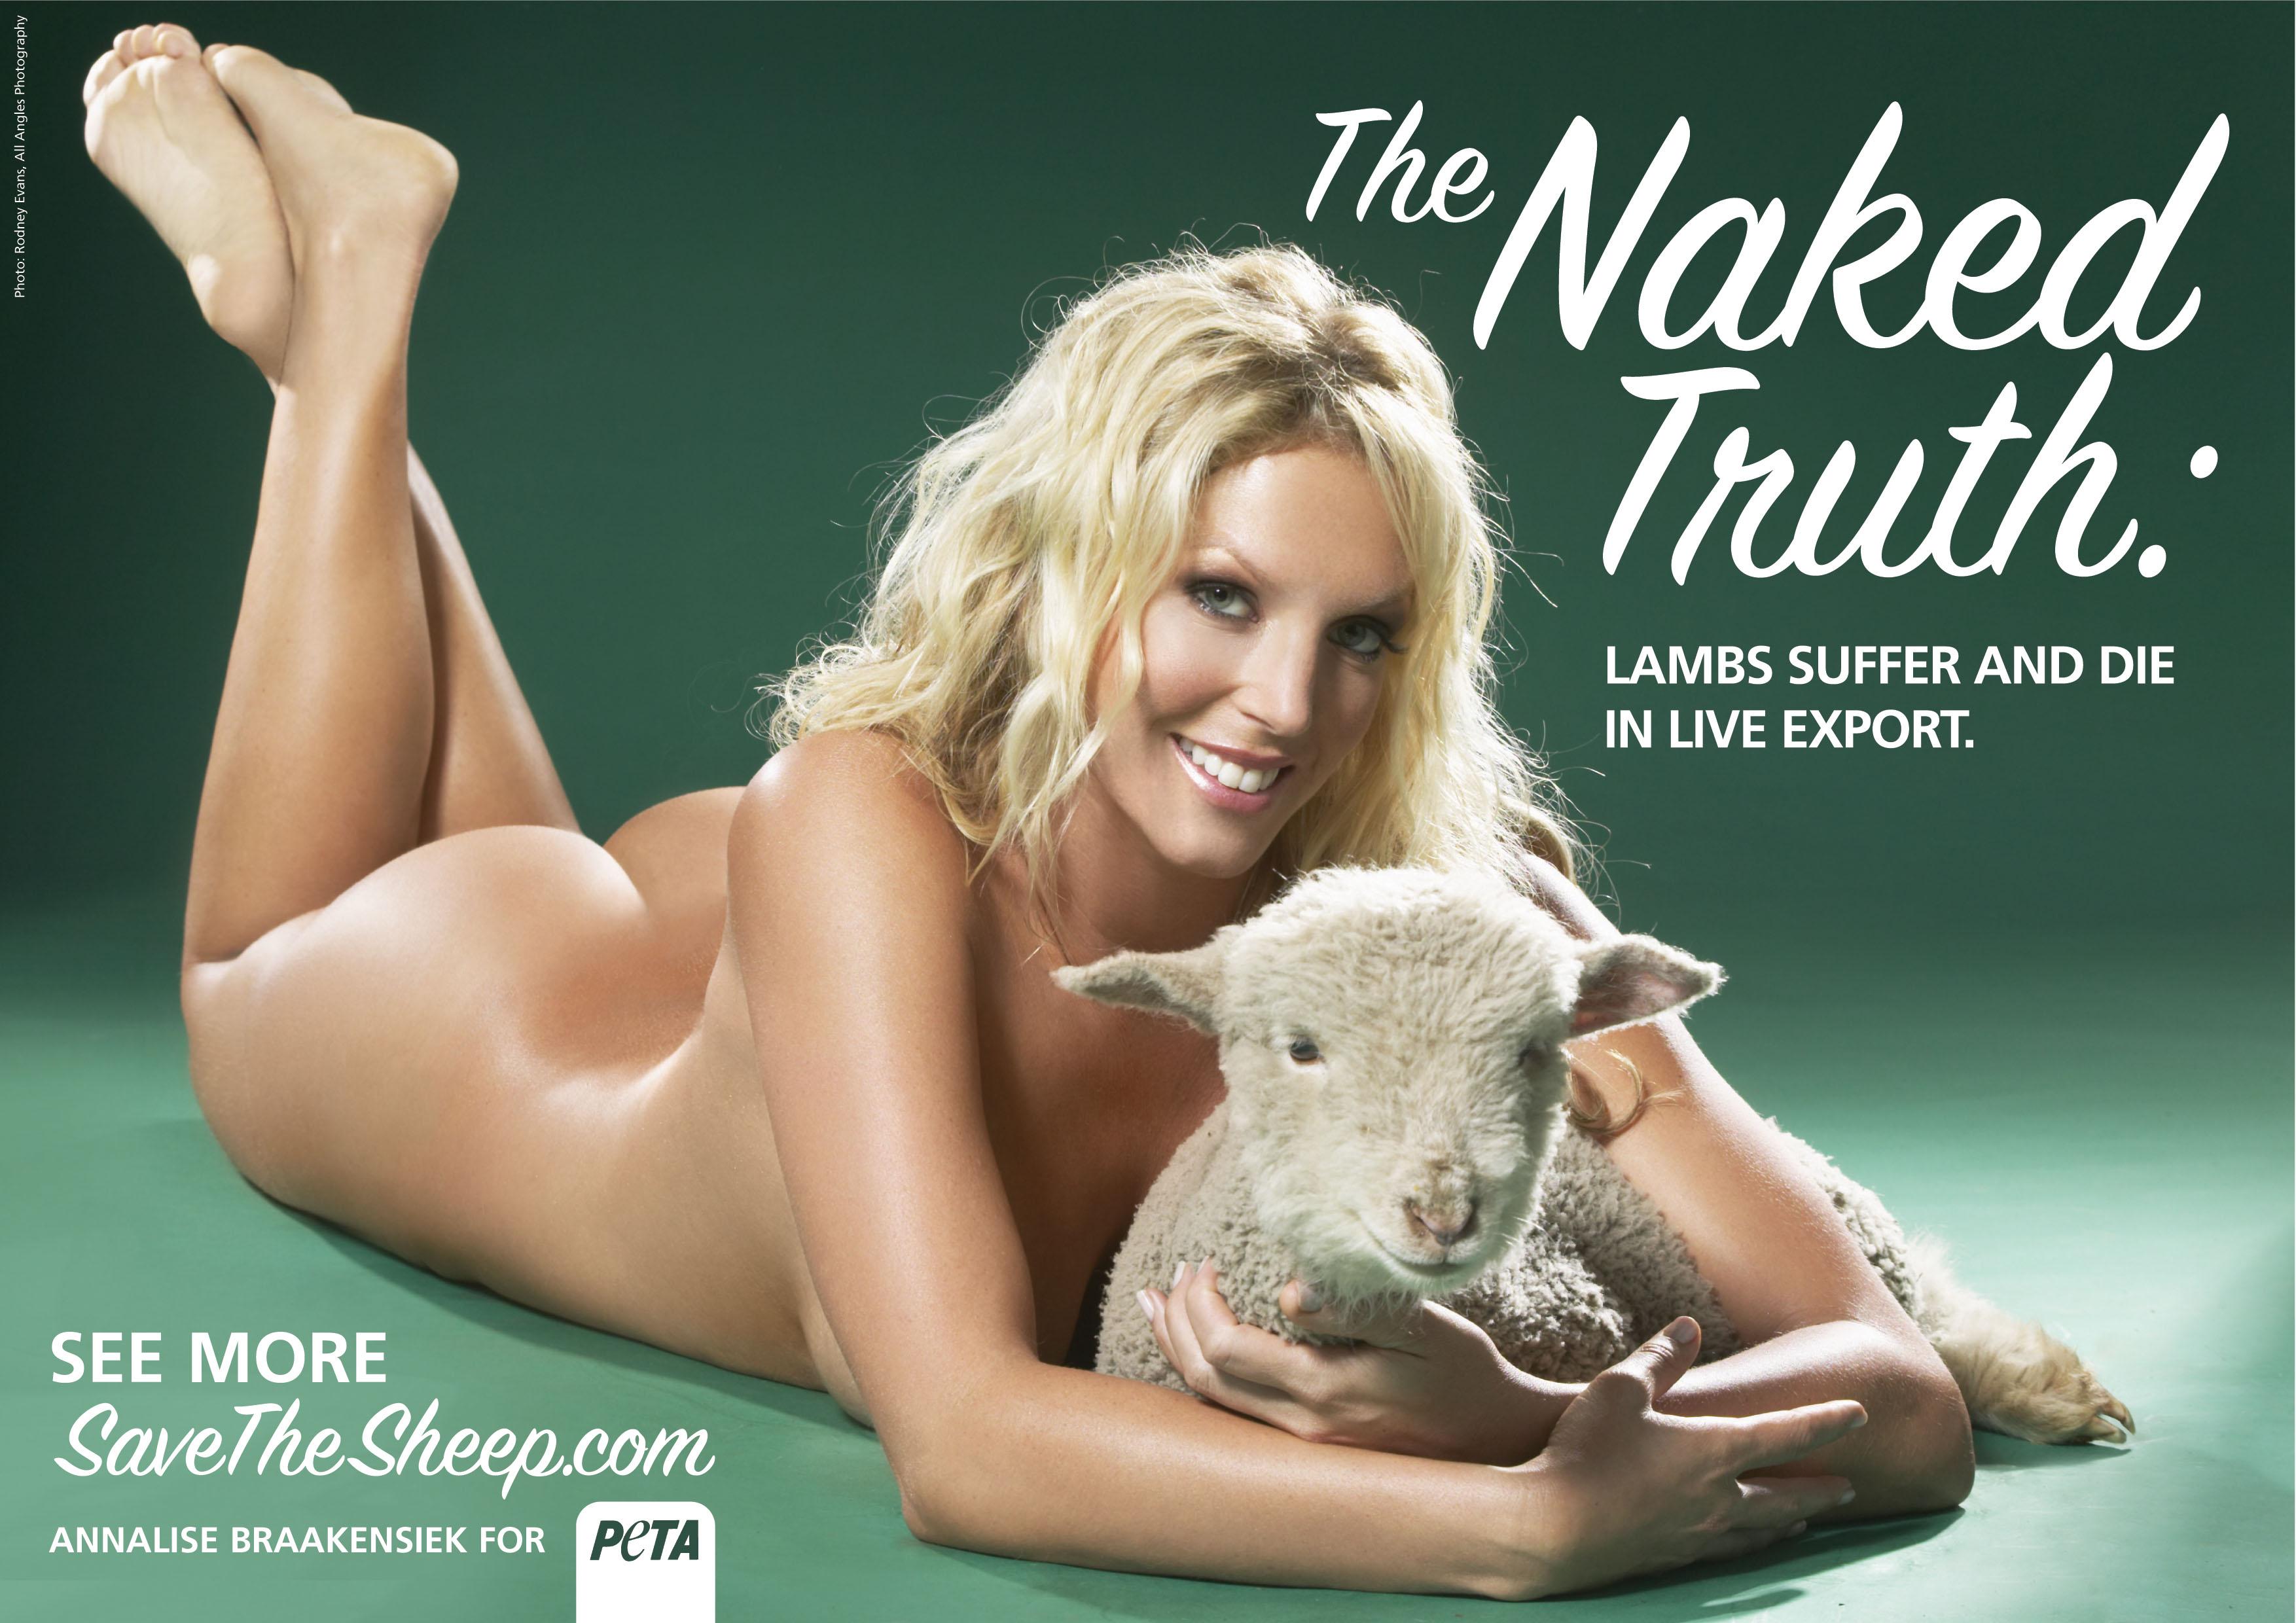 PETA destina la mayoría de su presupuesto a campañas de comunicación que suelen estar protagonizadas por mujeres famosas.